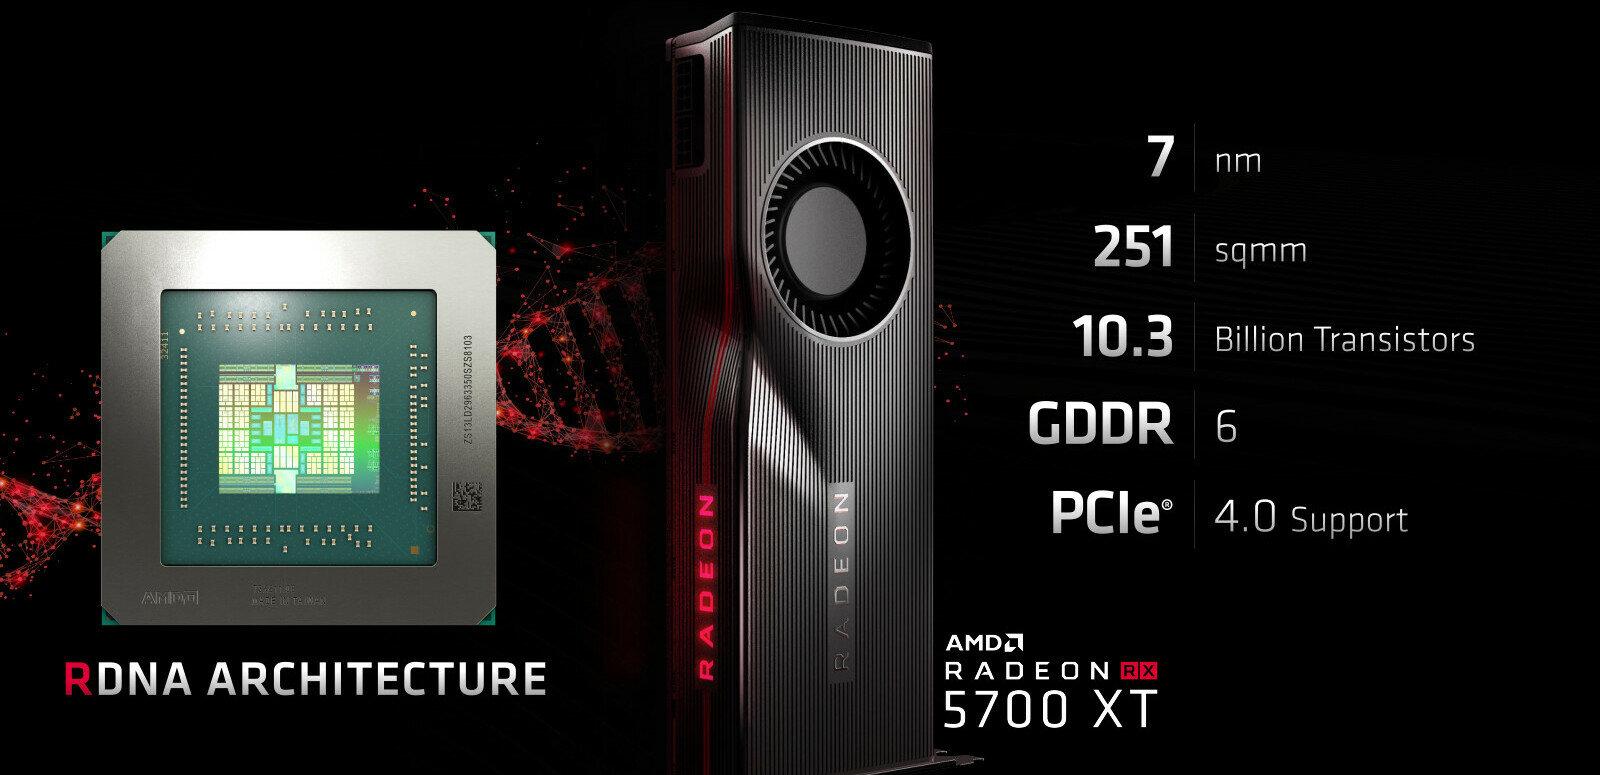 Navi, RDNA, RX 5700 (XT) : AMD détaille ses nouvelles Radeon